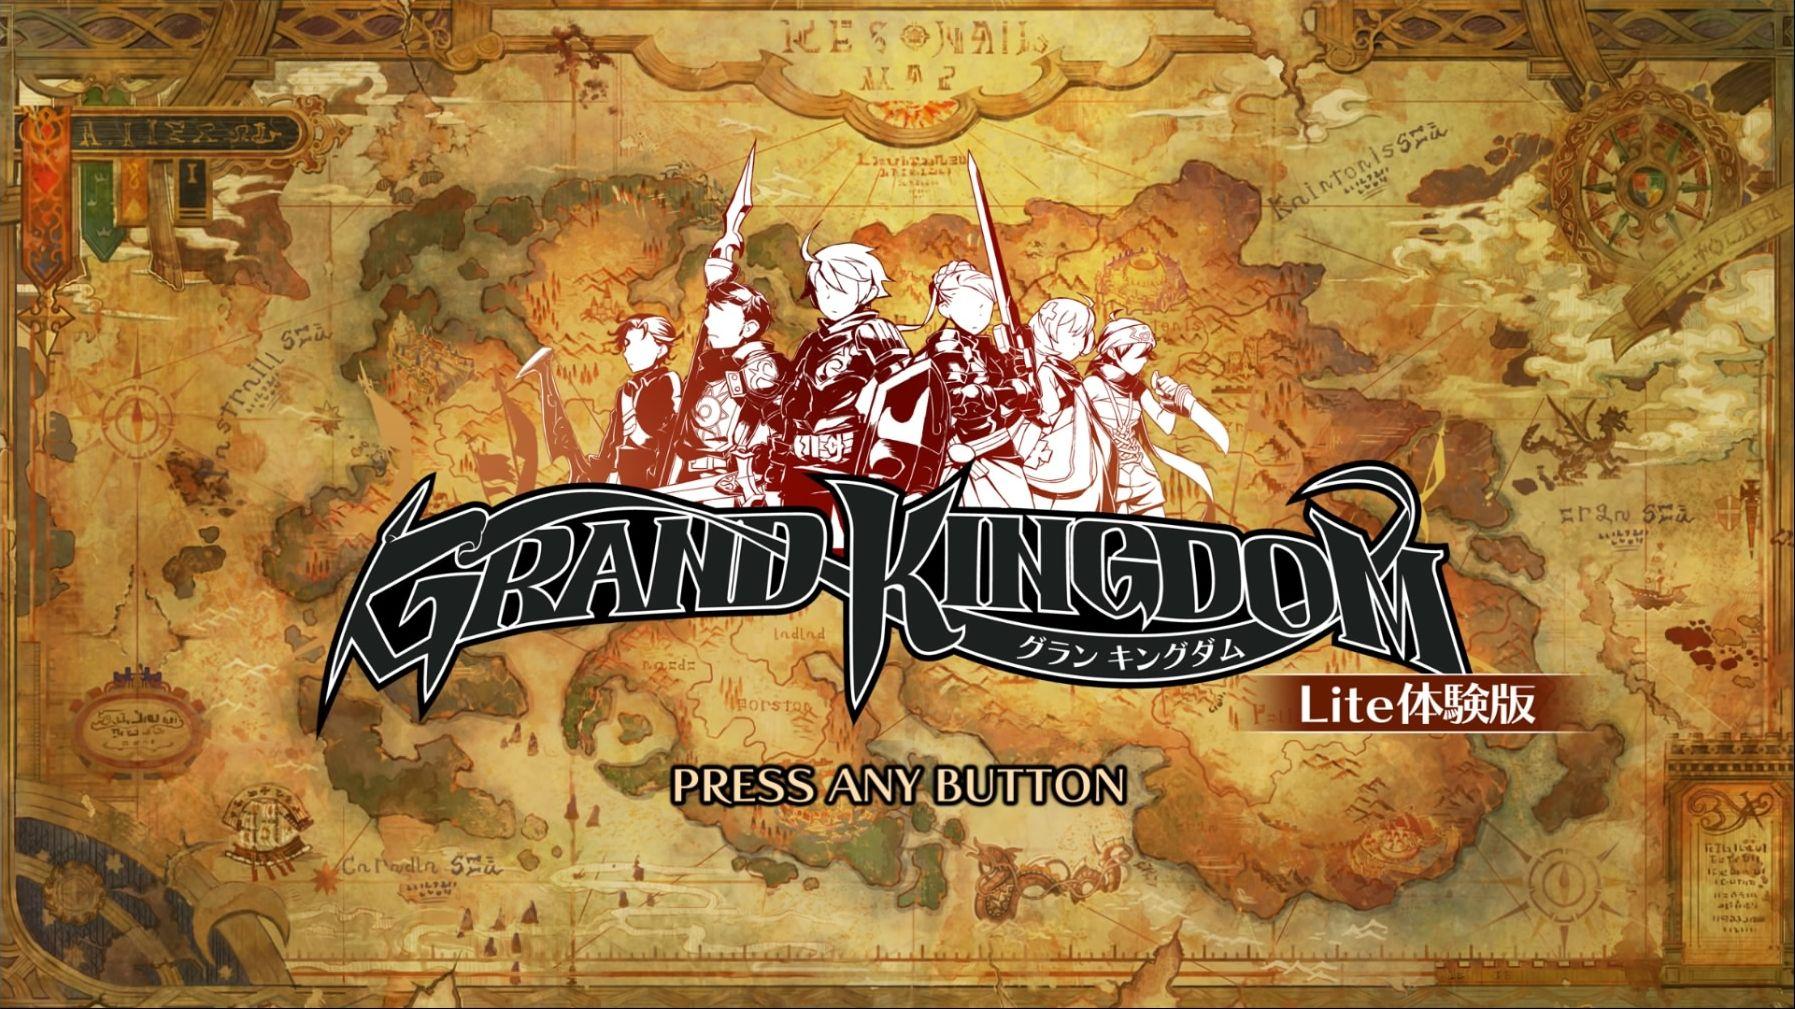 Grand-Kingdom_2015_11-12-15_001